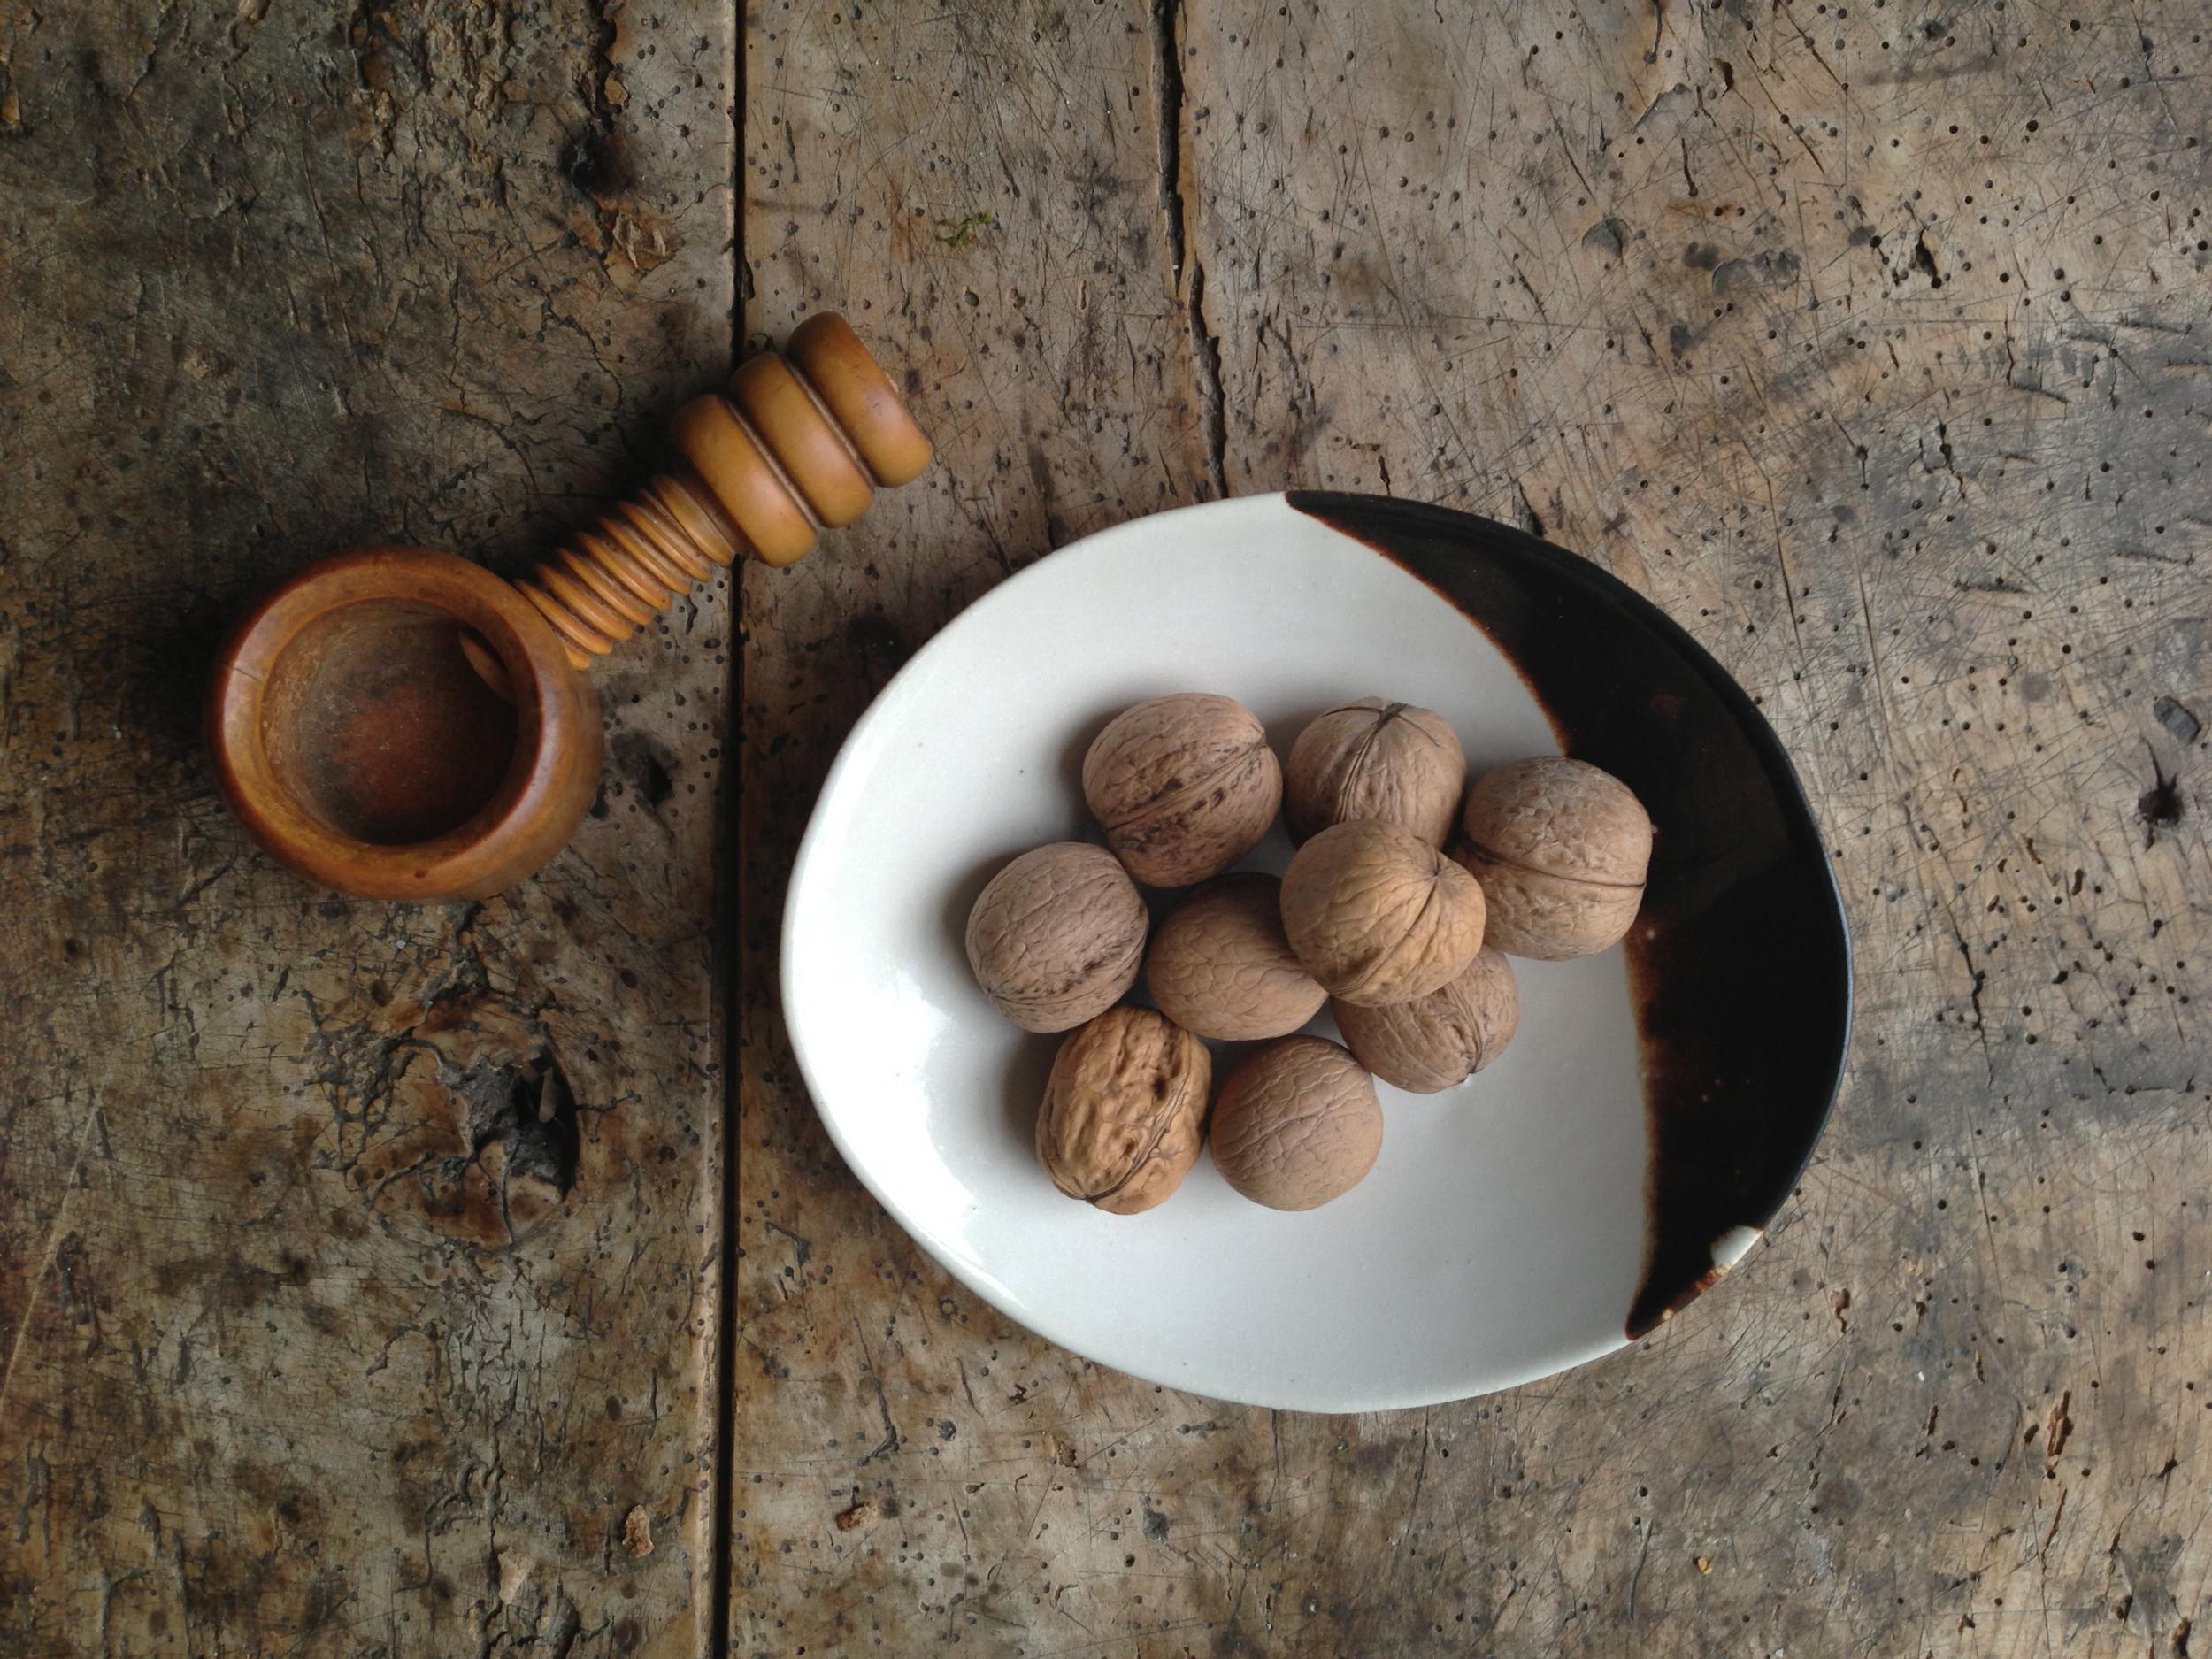 No. Bowl & Walnuts on Walnut Table